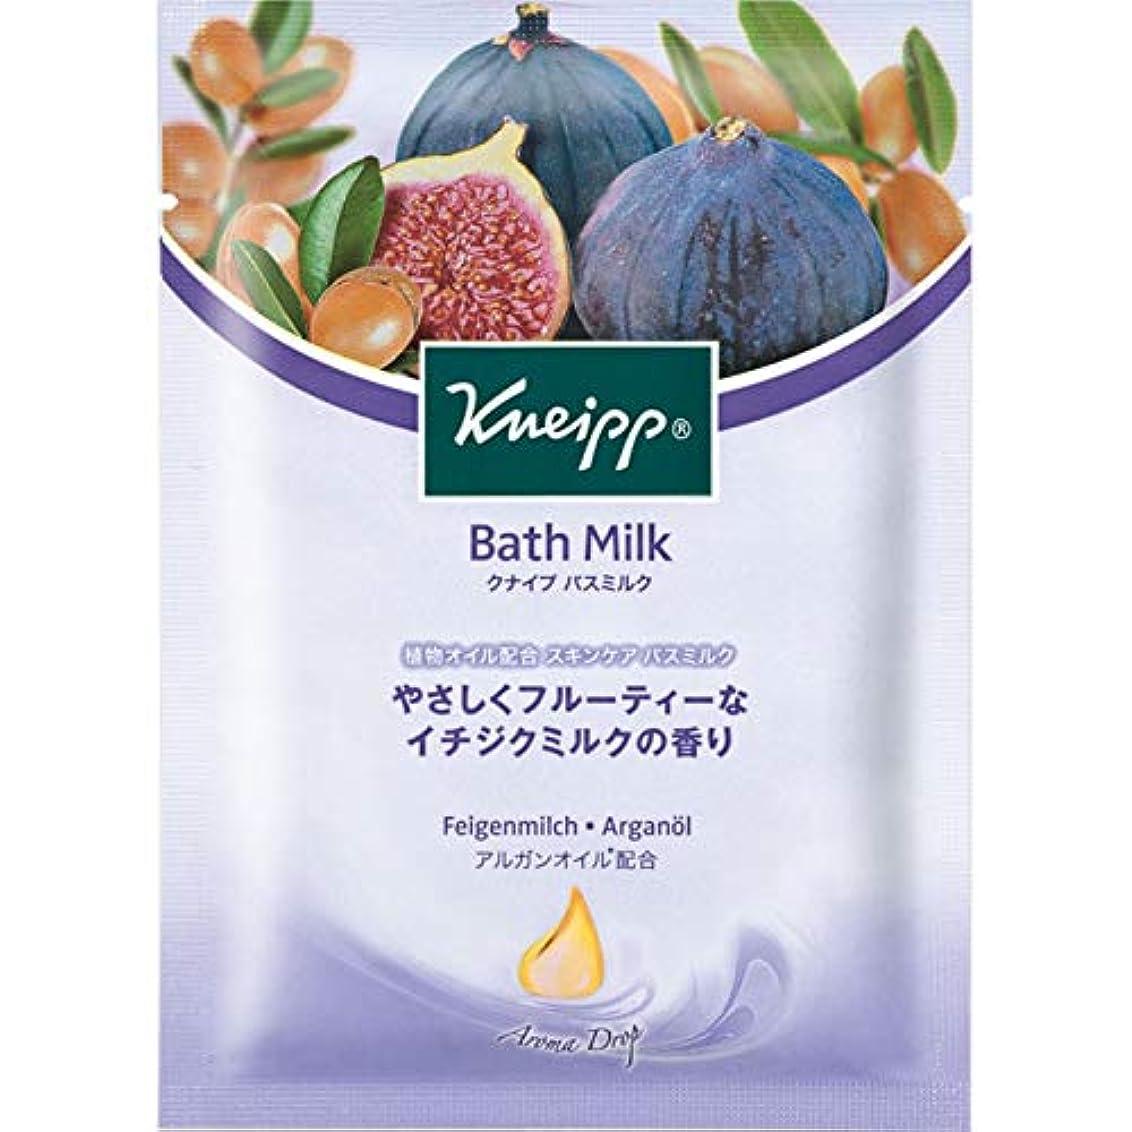 貯水池摩擦囚人クナイプ?ジャパン クナイプ バスミルク イチジクミルク 40ml